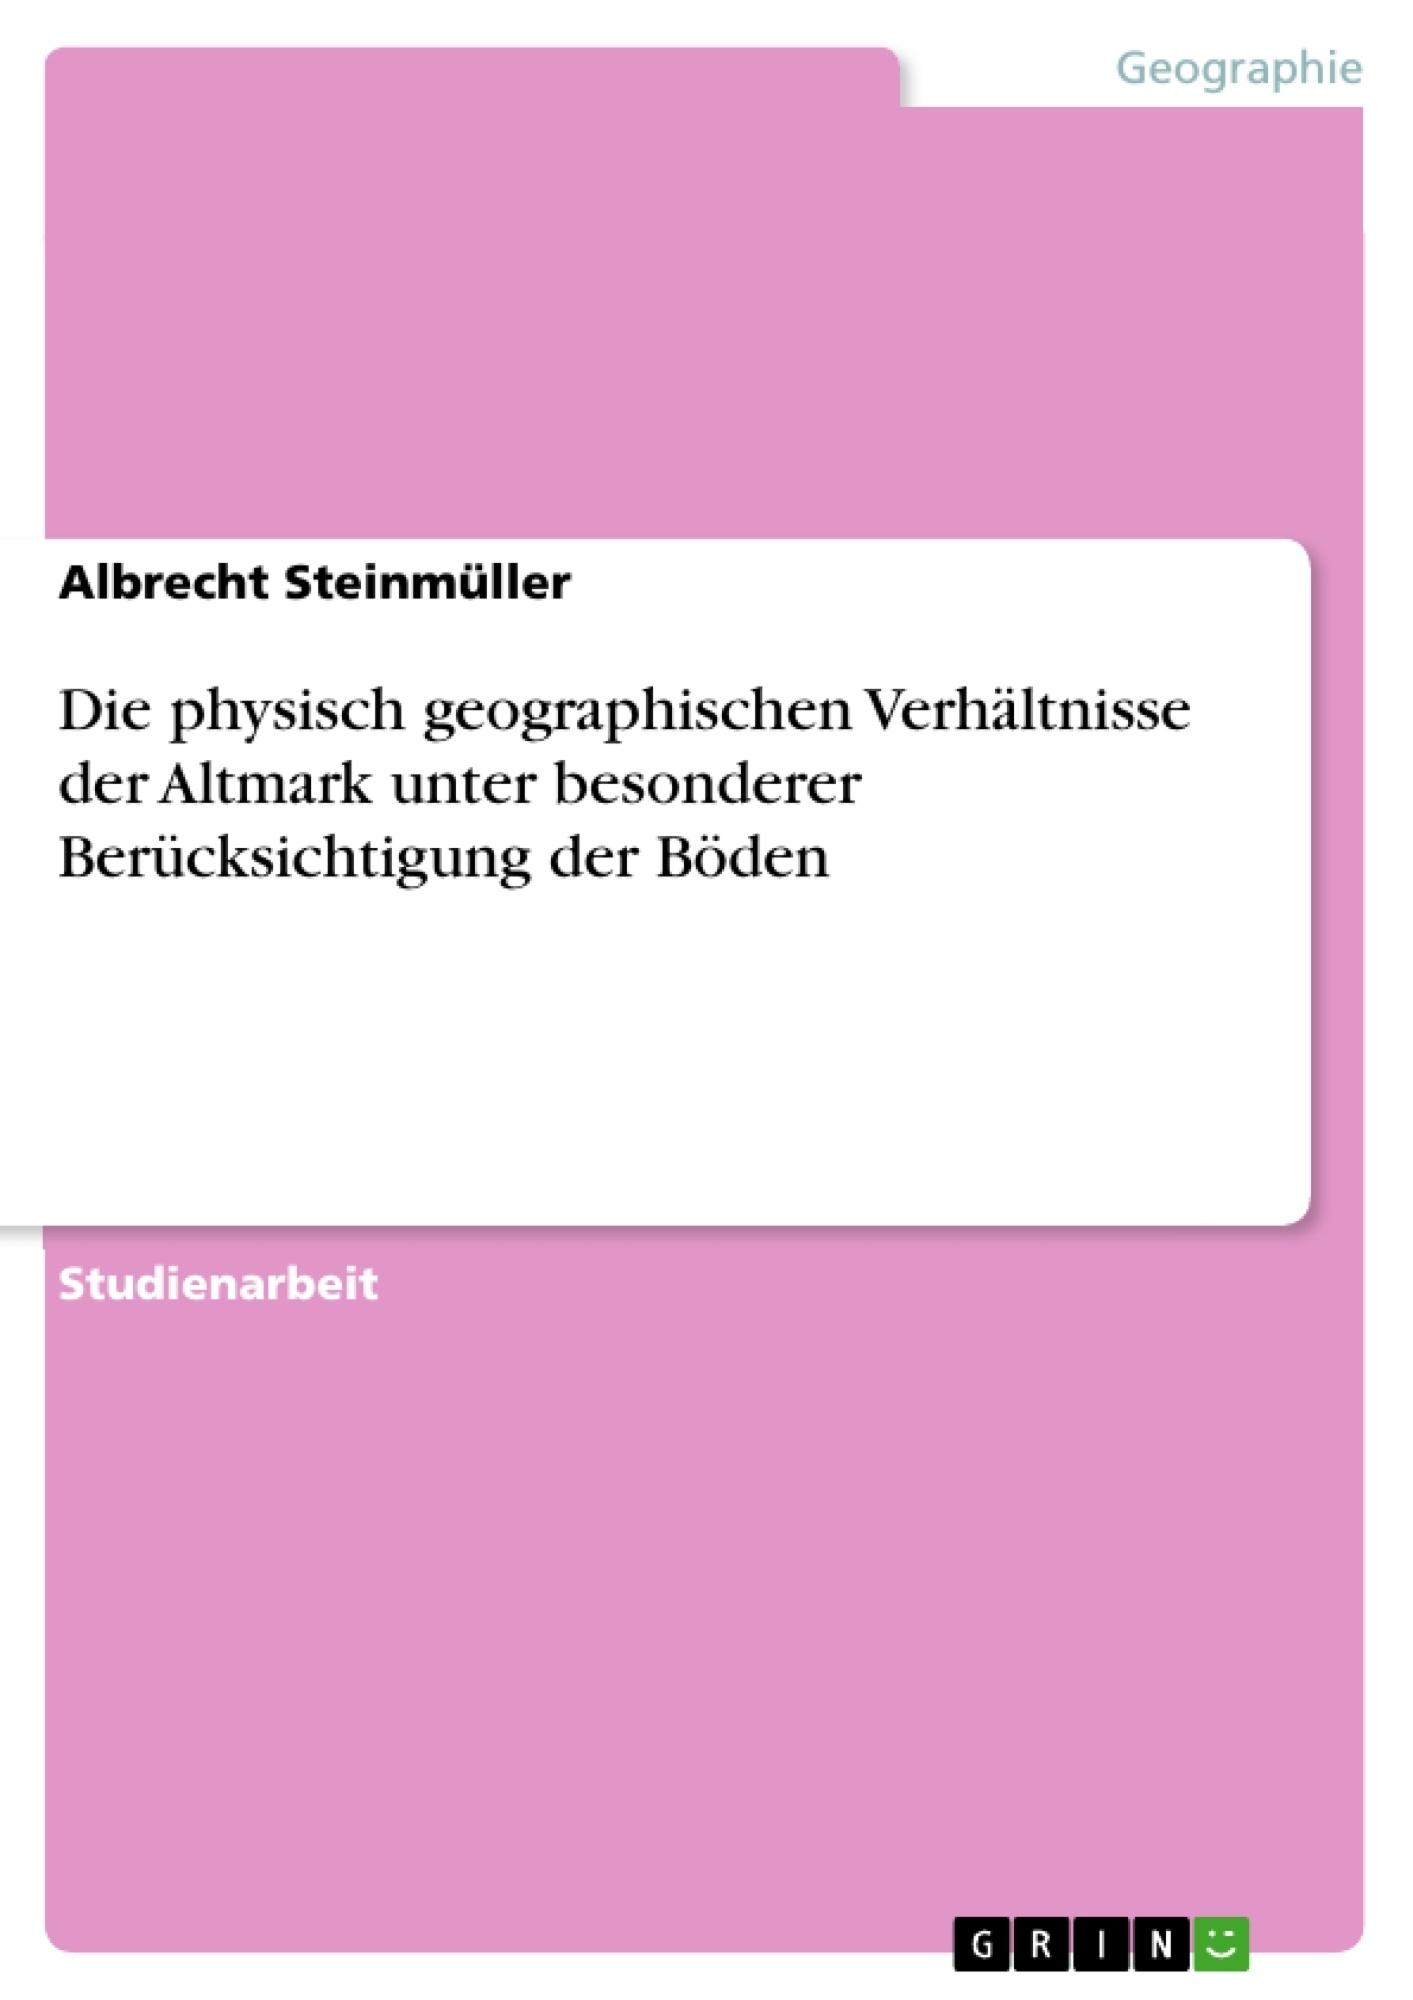 Titel: Die physisch geographischen Verhältnisse der Altmark unter besonderer Berücksichtigung der Böden